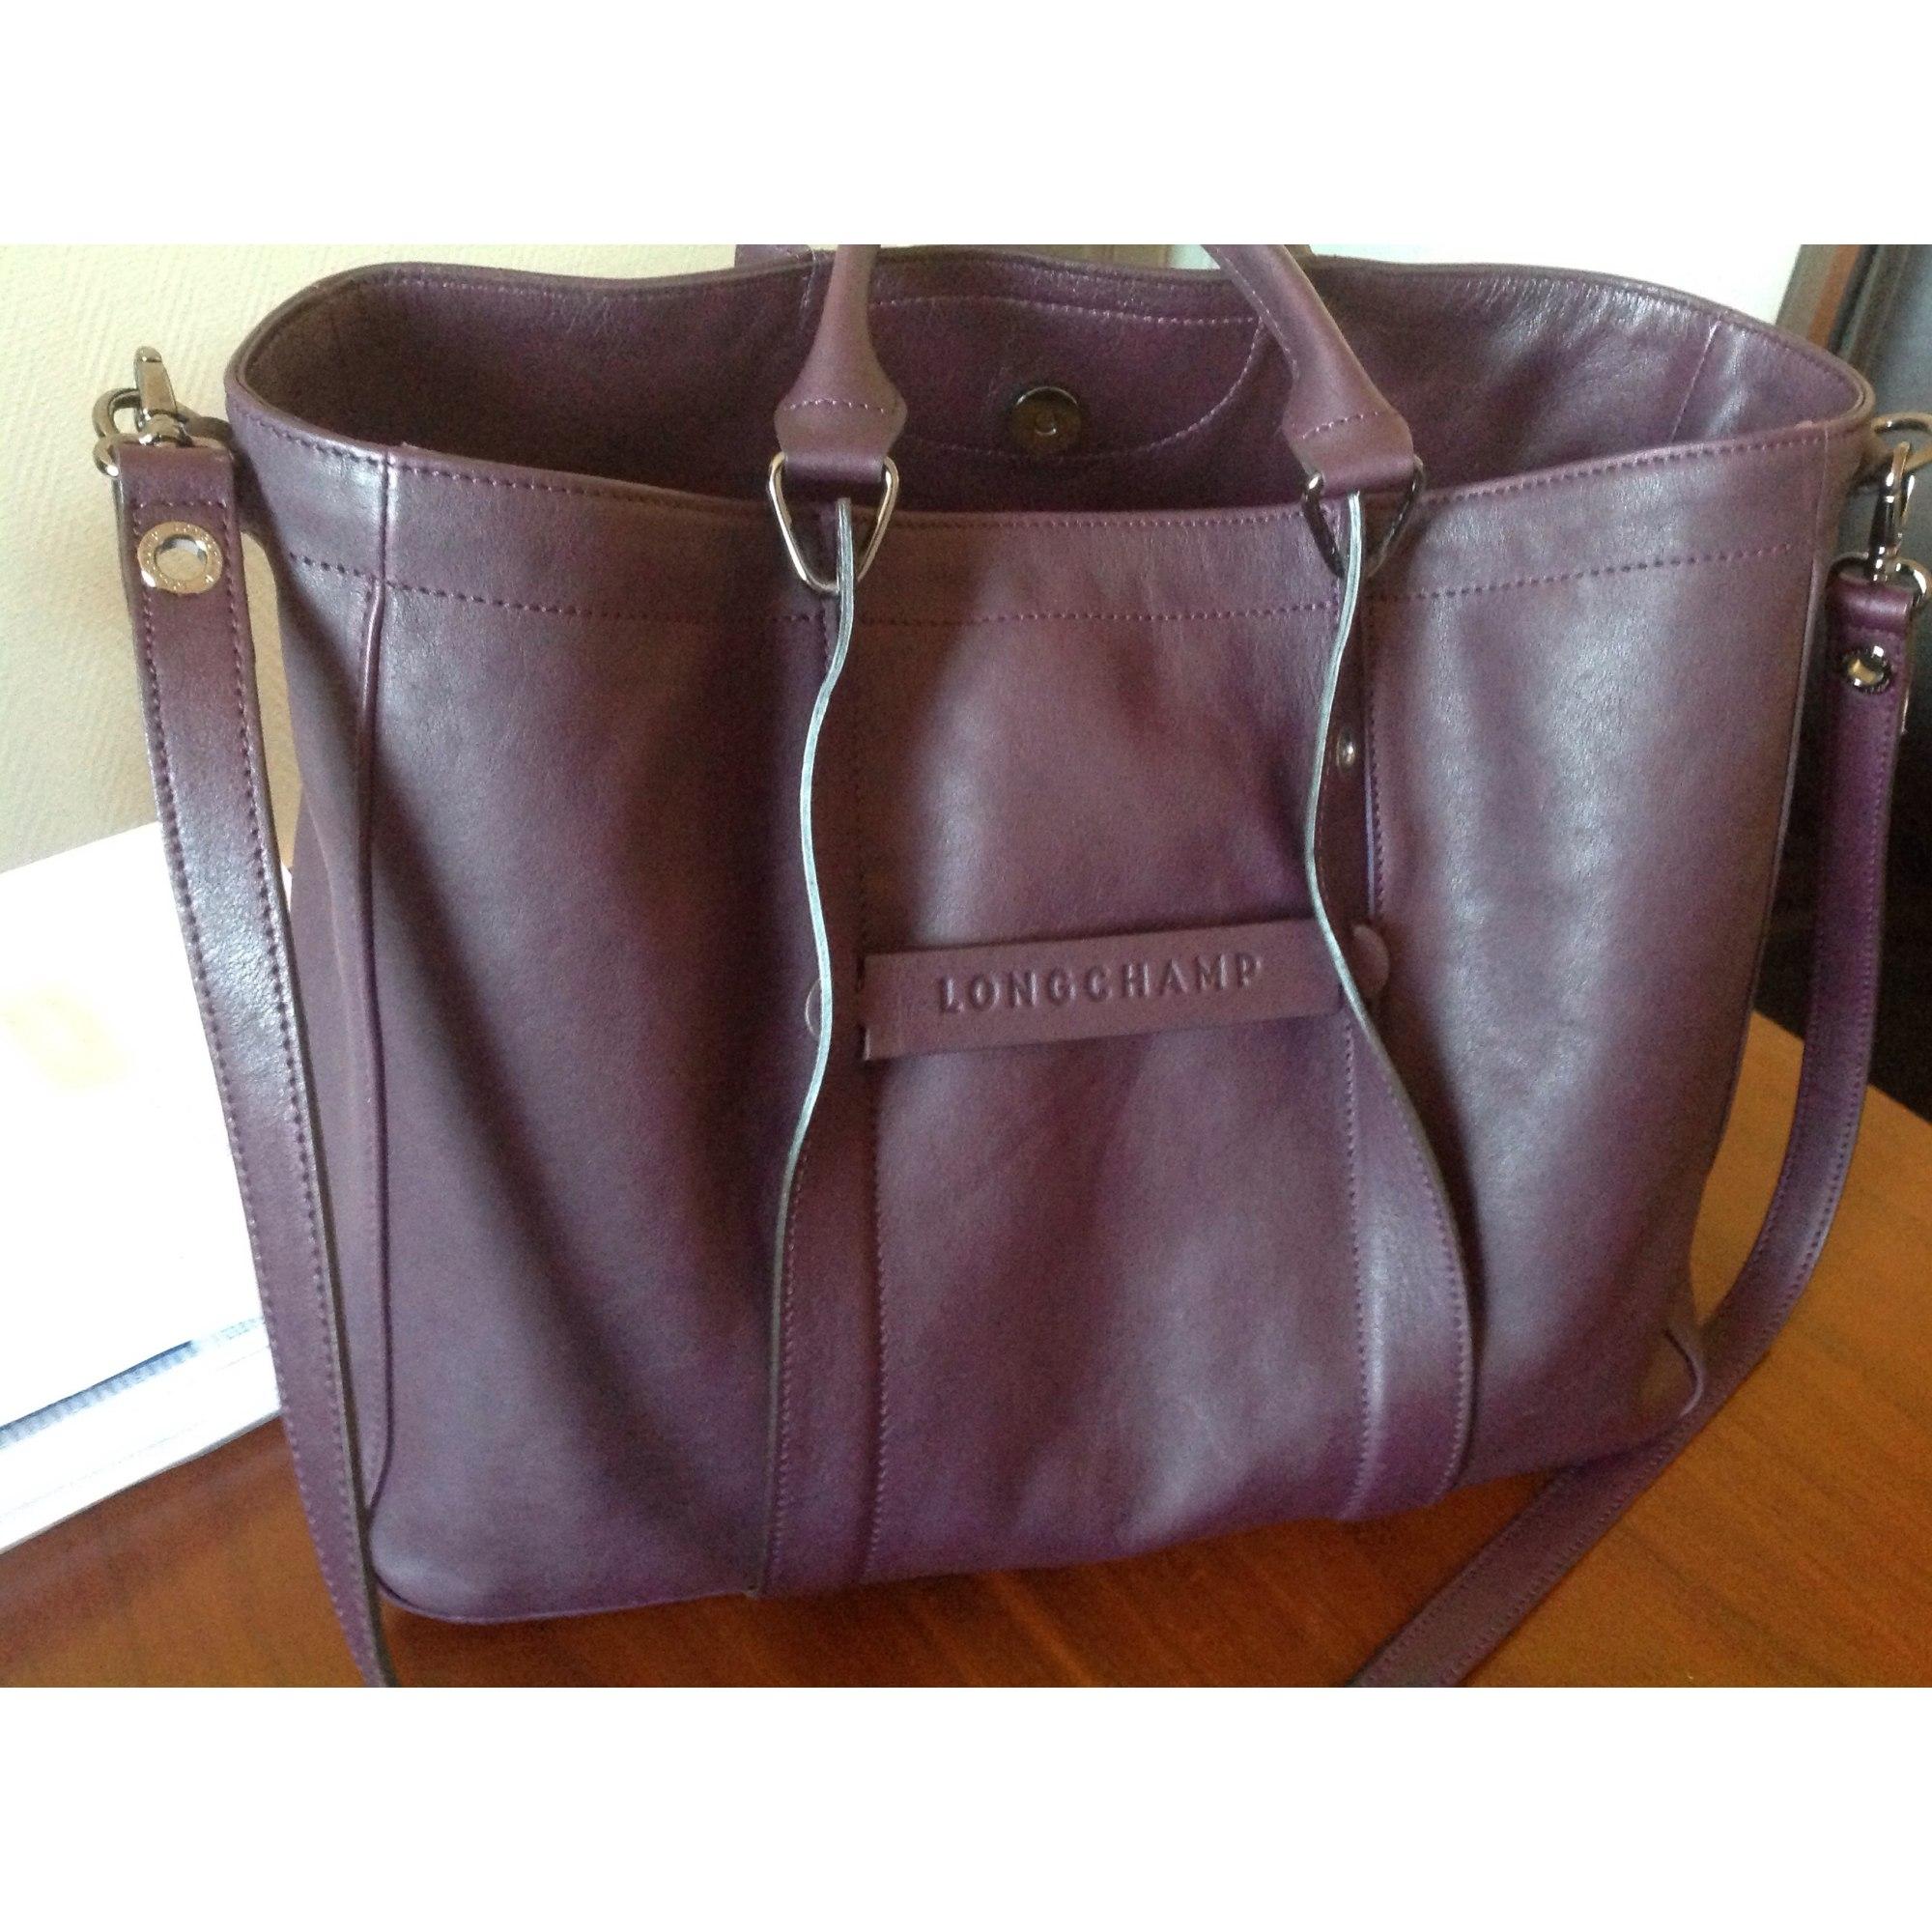 Sac Cuir Vendu Alexandra484290 Longchamp Xl Violet En Par 3878415 txsBrChdoQ